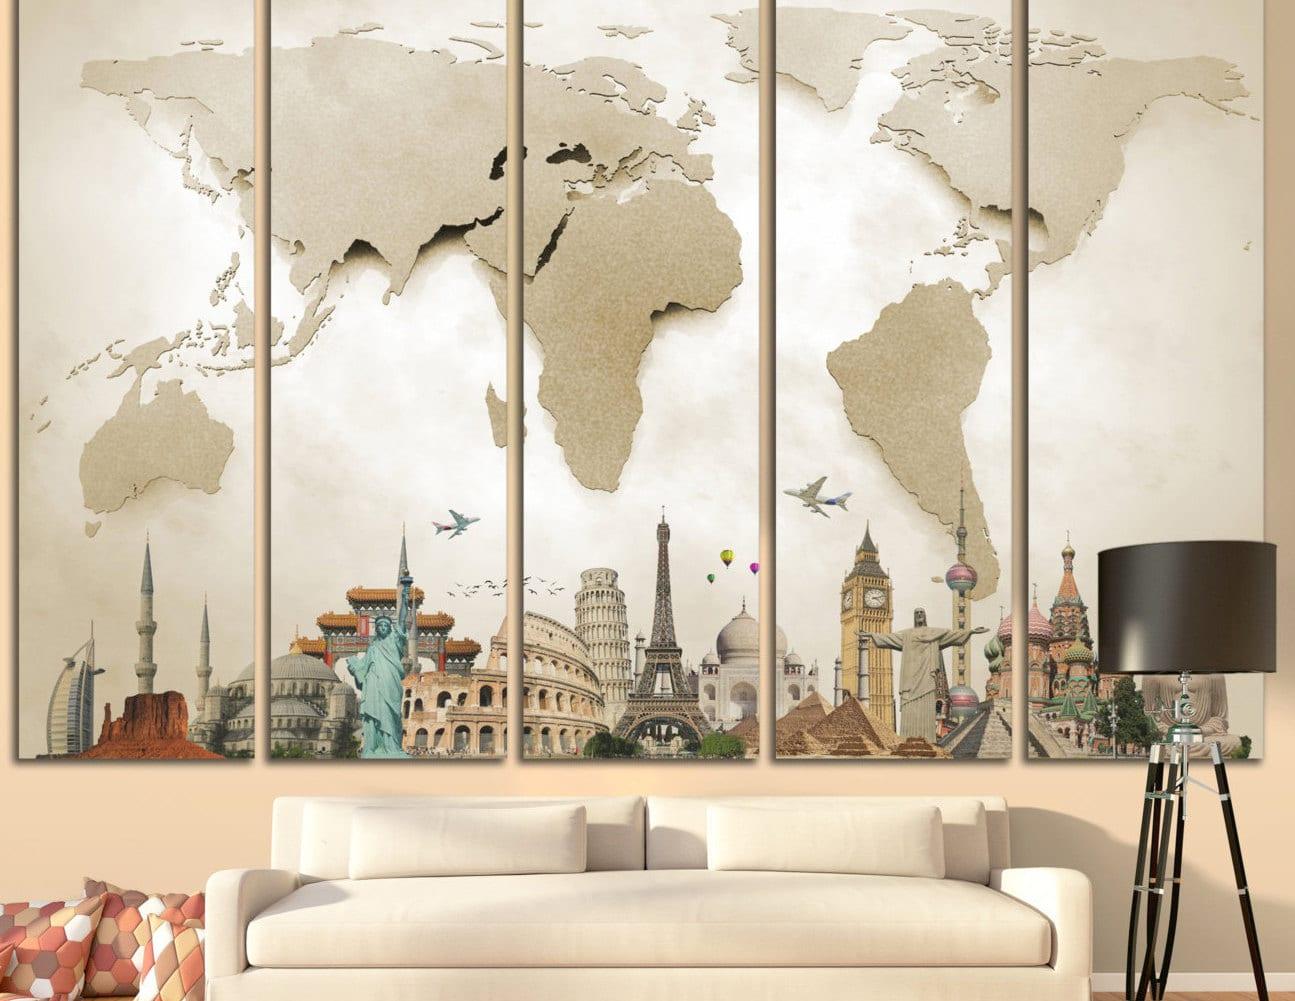 Best Oversized Wall Art design